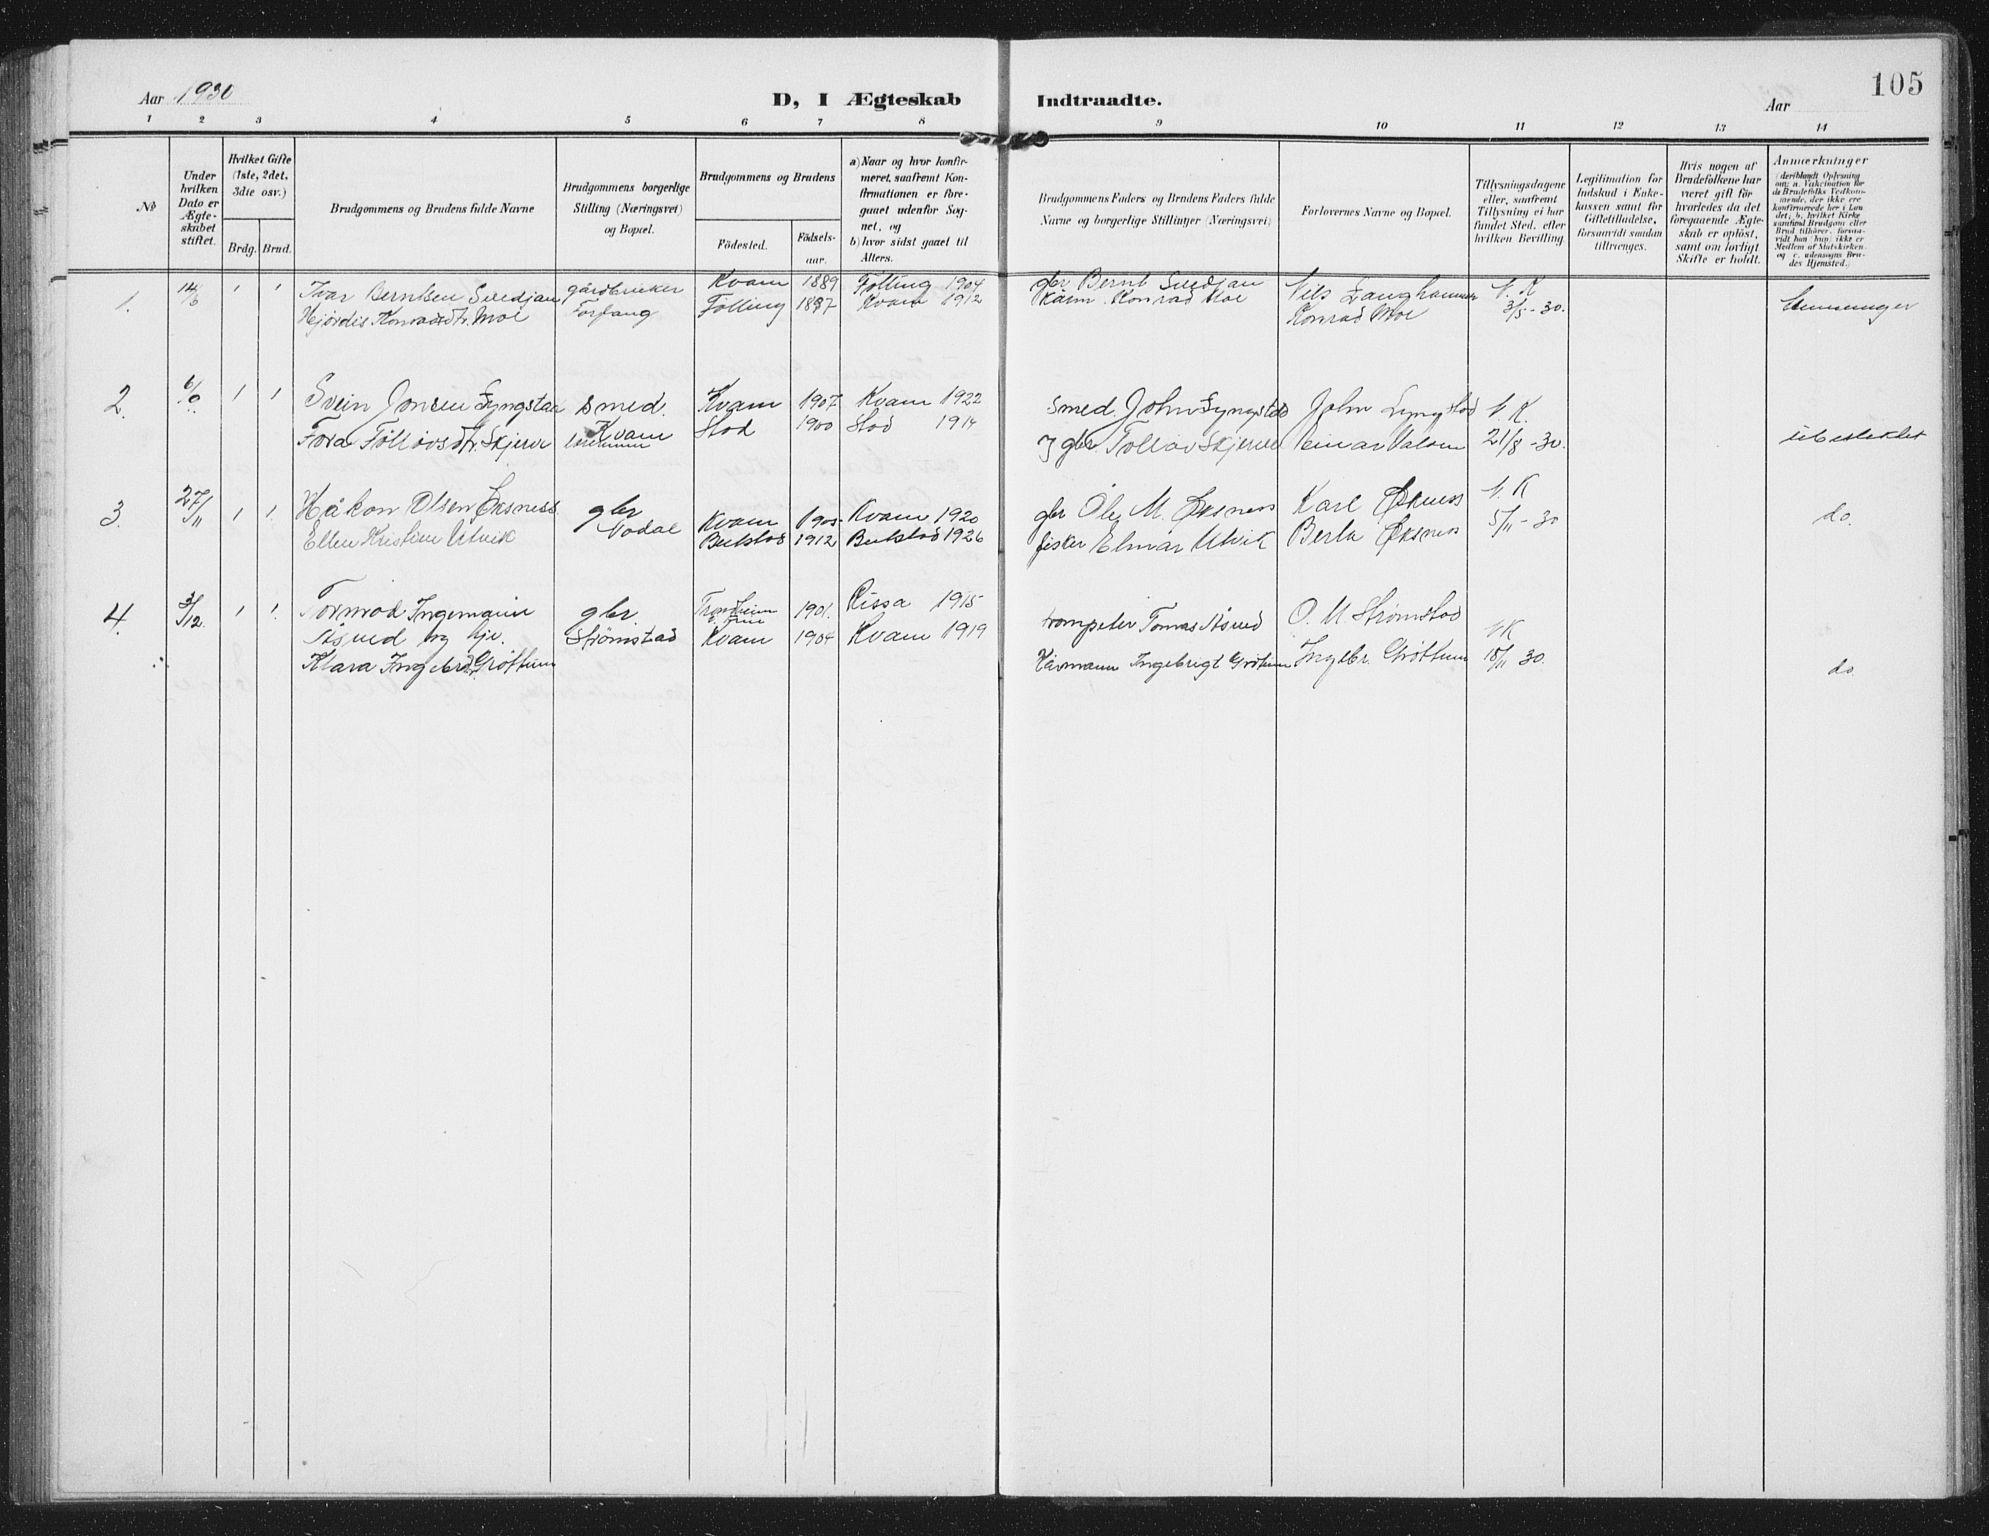 SAT, Ministerialprotokoller, klokkerbøker og fødselsregistre - Nord-Trøndelag, 747/L0460: Klokkerbok nr. 747C02, 1908-1939, s. 105